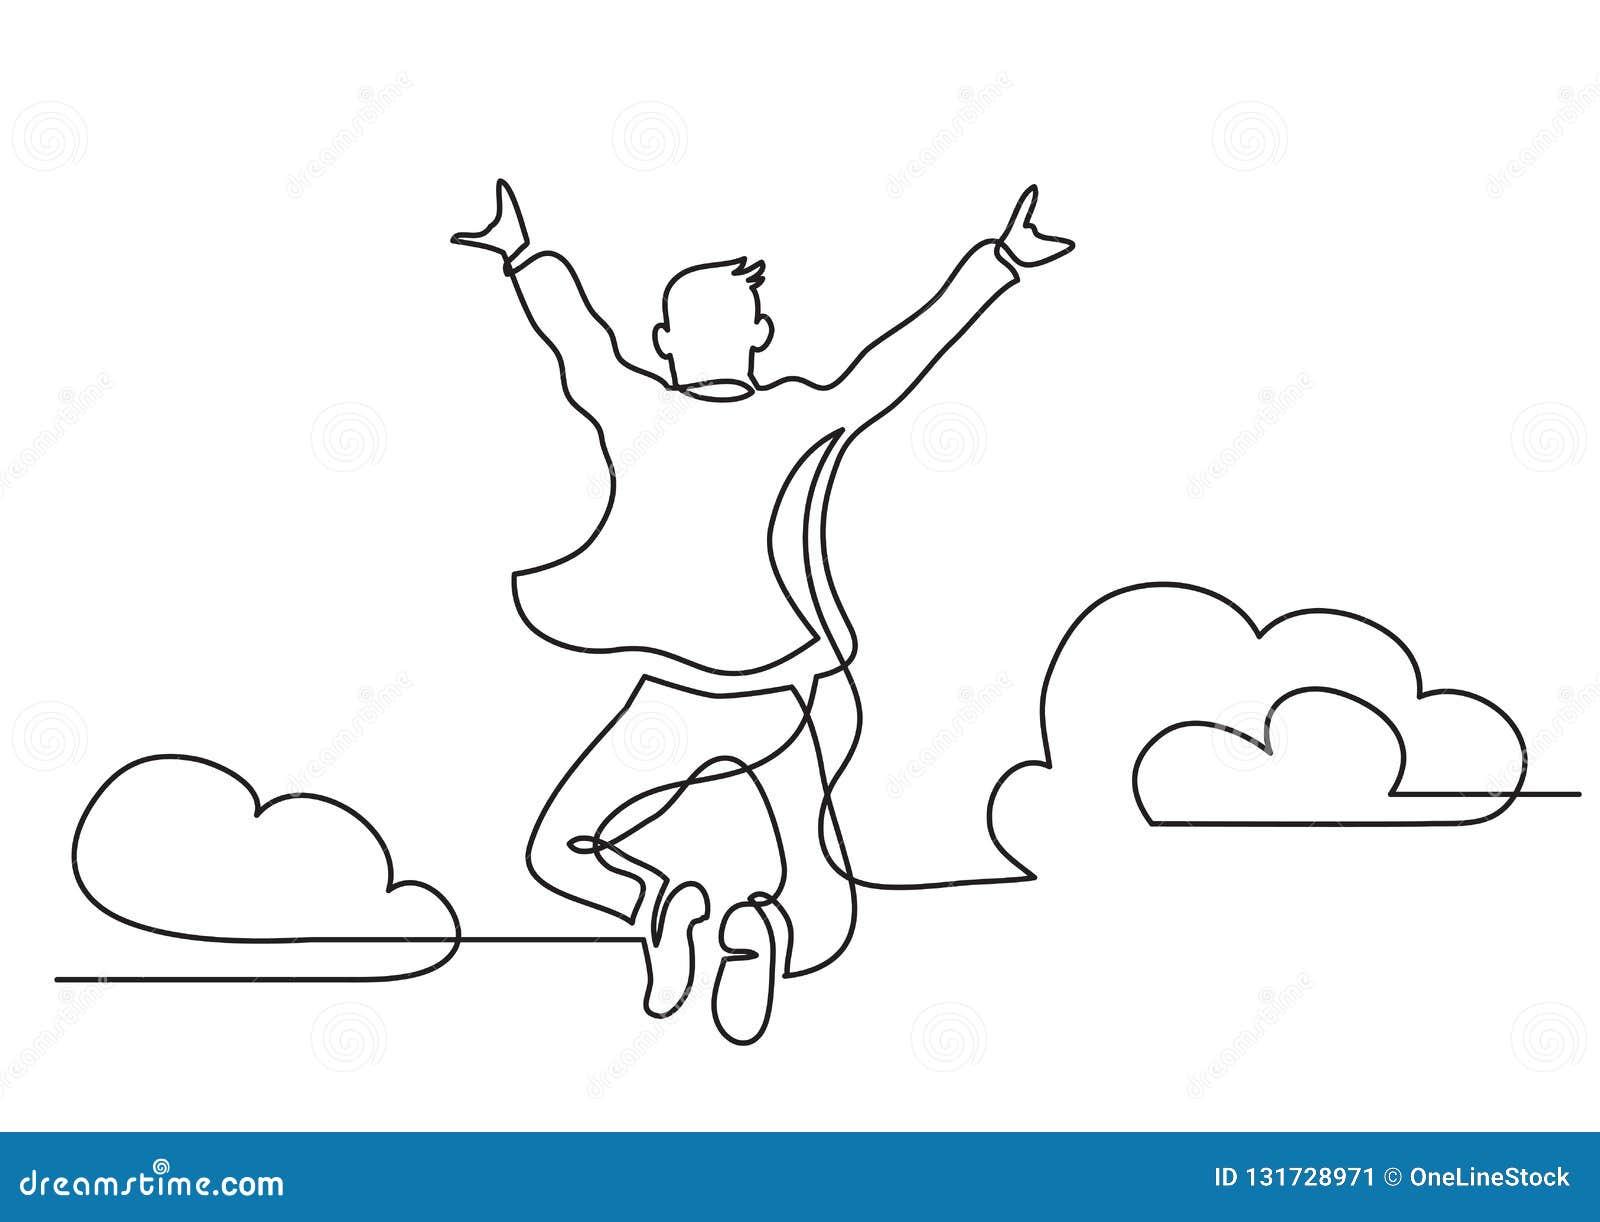 Одна линия чертеж облаков счастливого человека скача более высоких